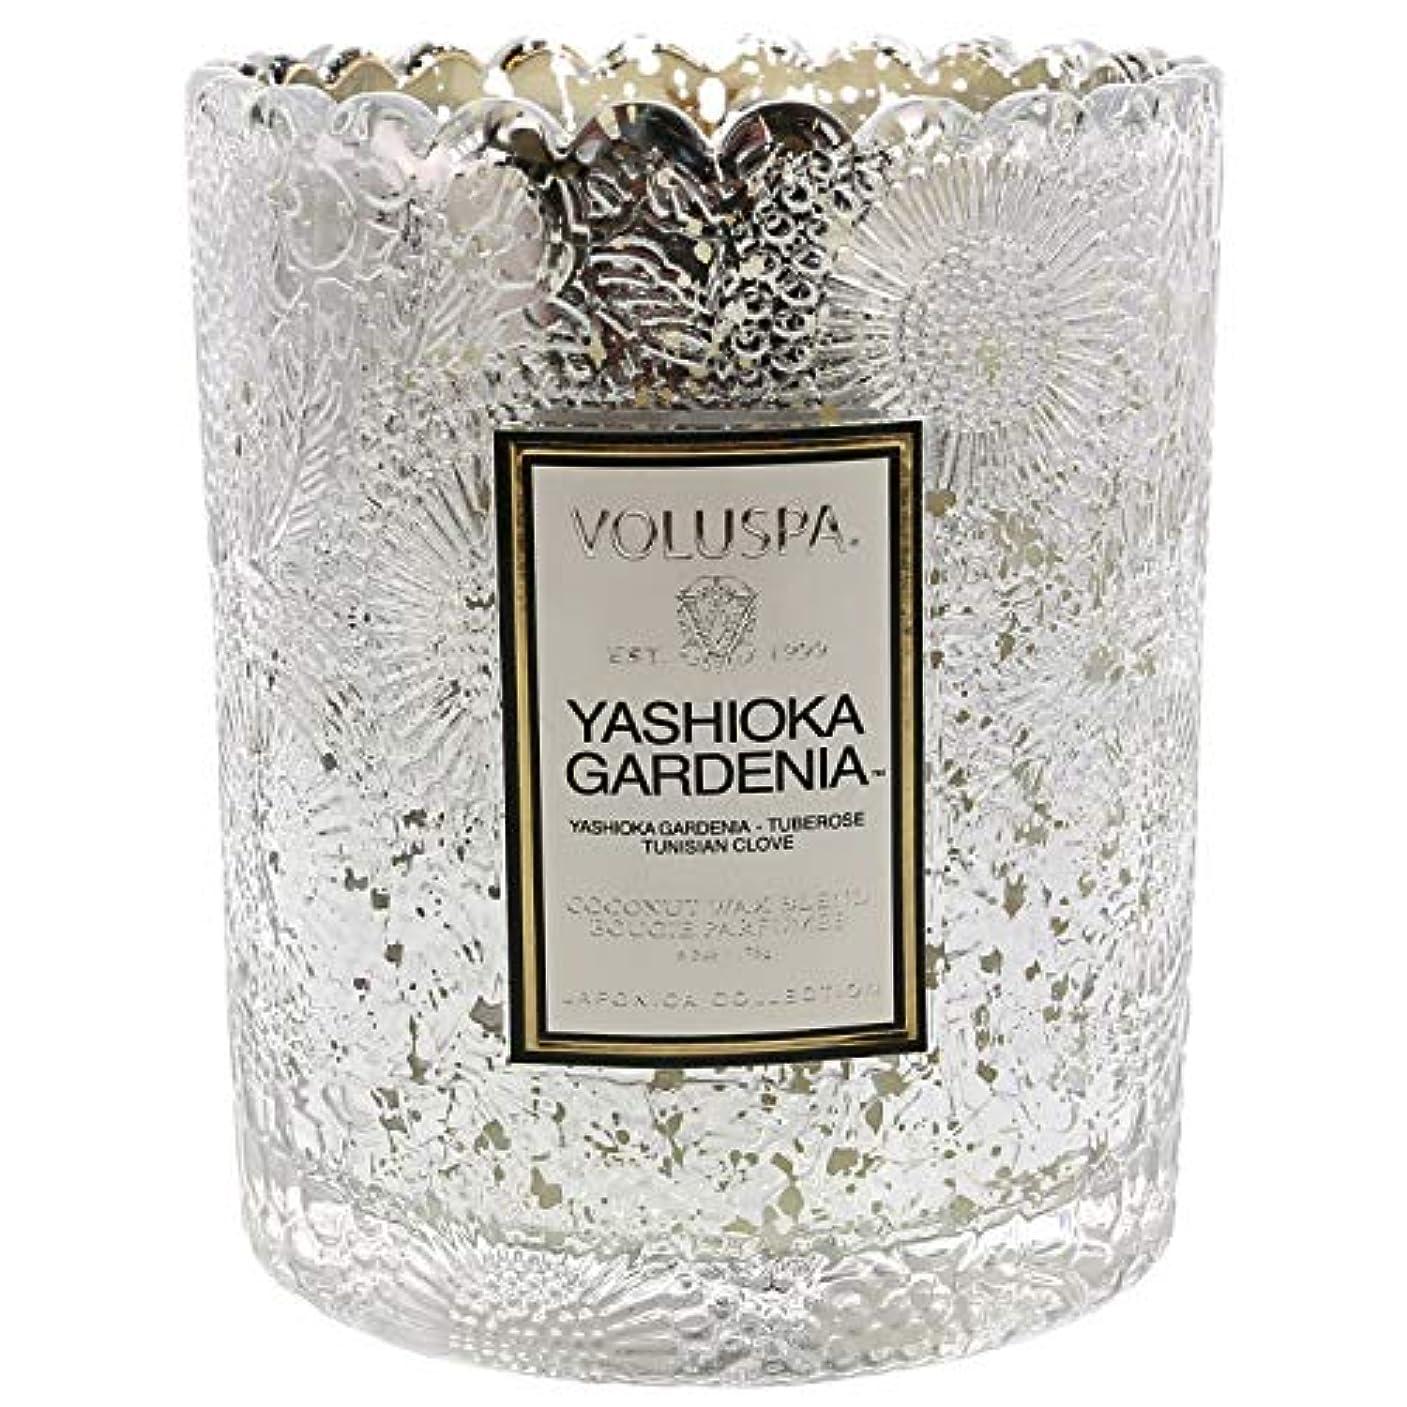 敏感なマイル発明Voluspa ボルスパ ジャポニカ リミテッド スカラップグラスキャンドル  ヤシオカガーデニア YASHIOKA GARDENIA JAPONICA Limited SCALLOPED EDGE Glass Candle